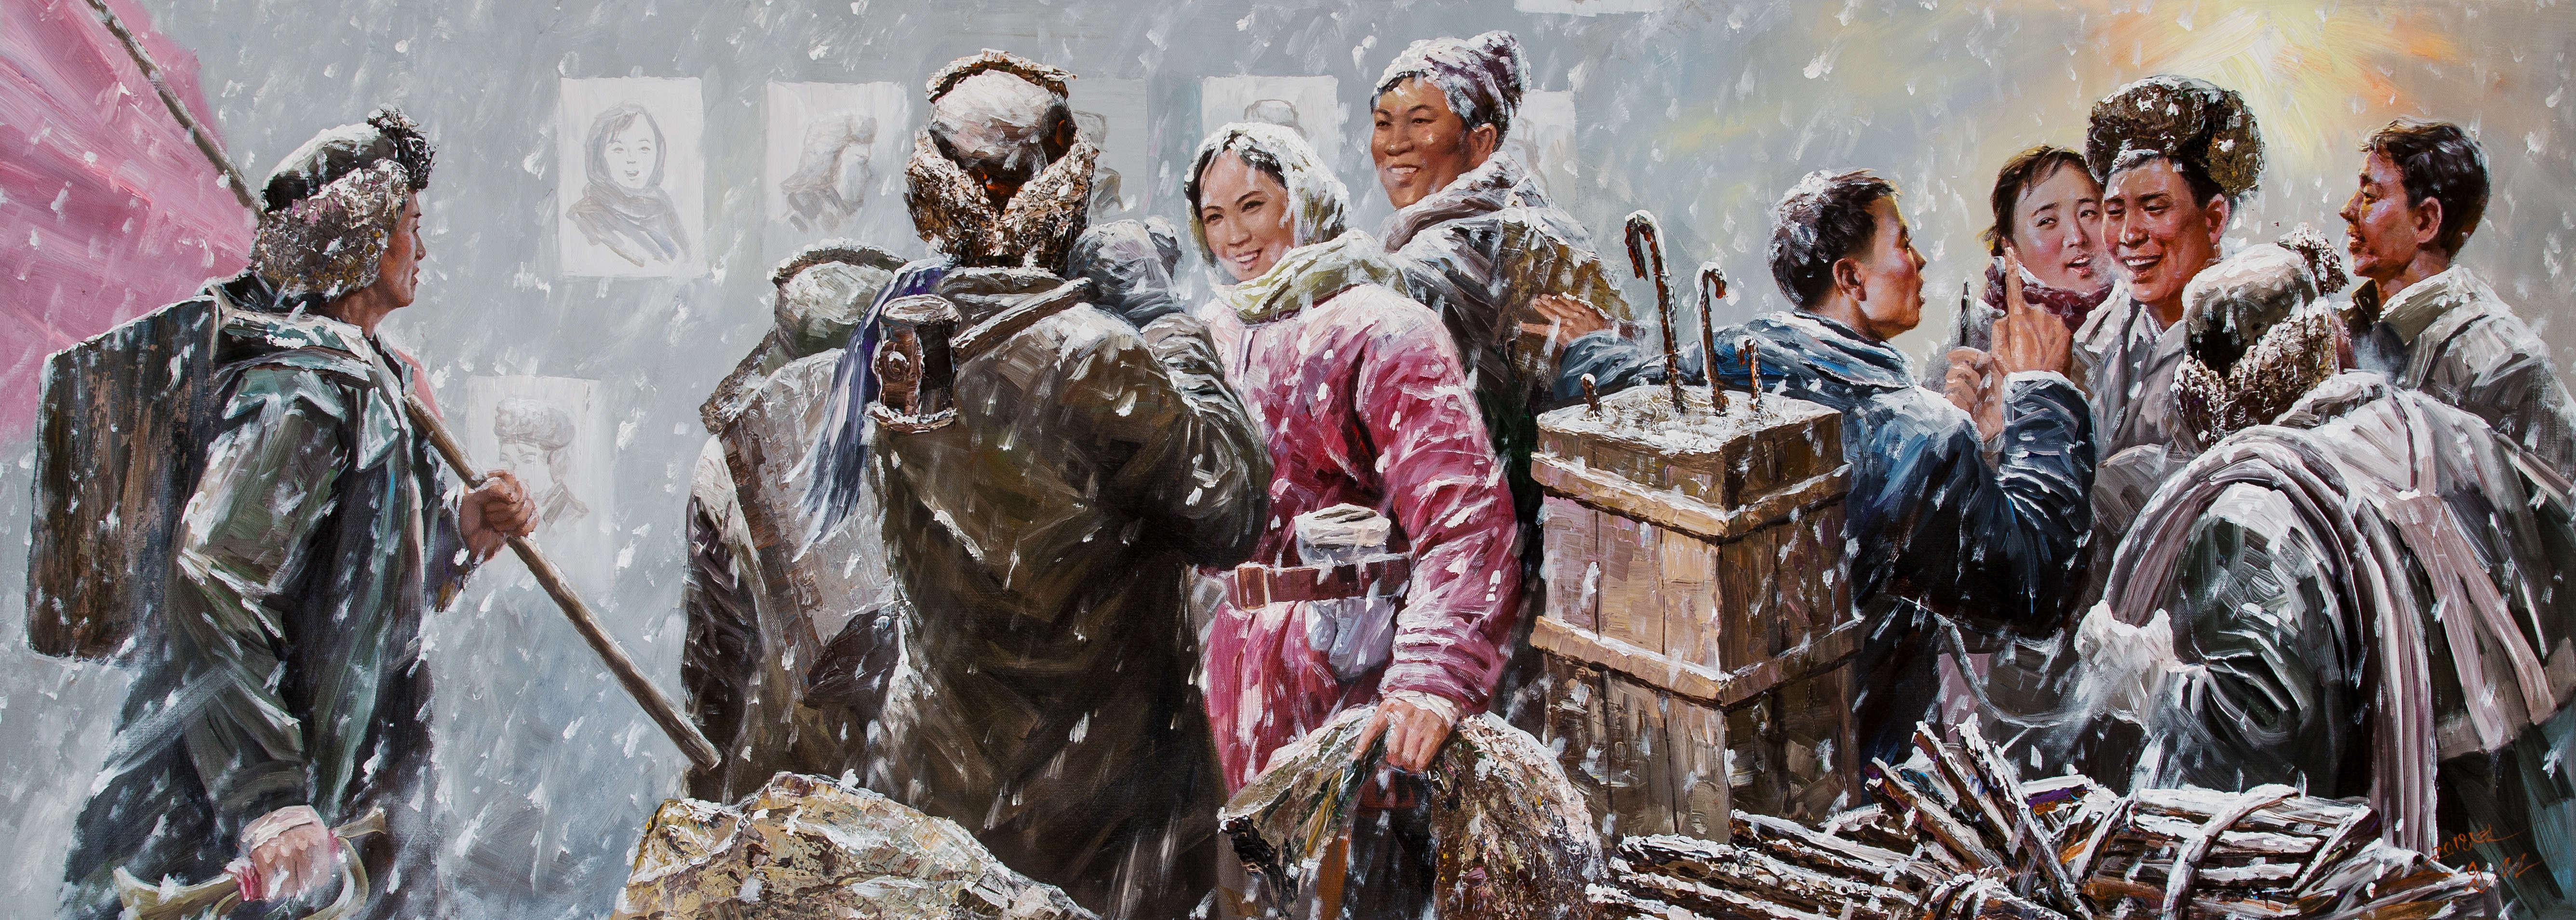 大胆人体艺术写真189_【当代朝鲜油画精品展】朝鲜艺术:在场即价值